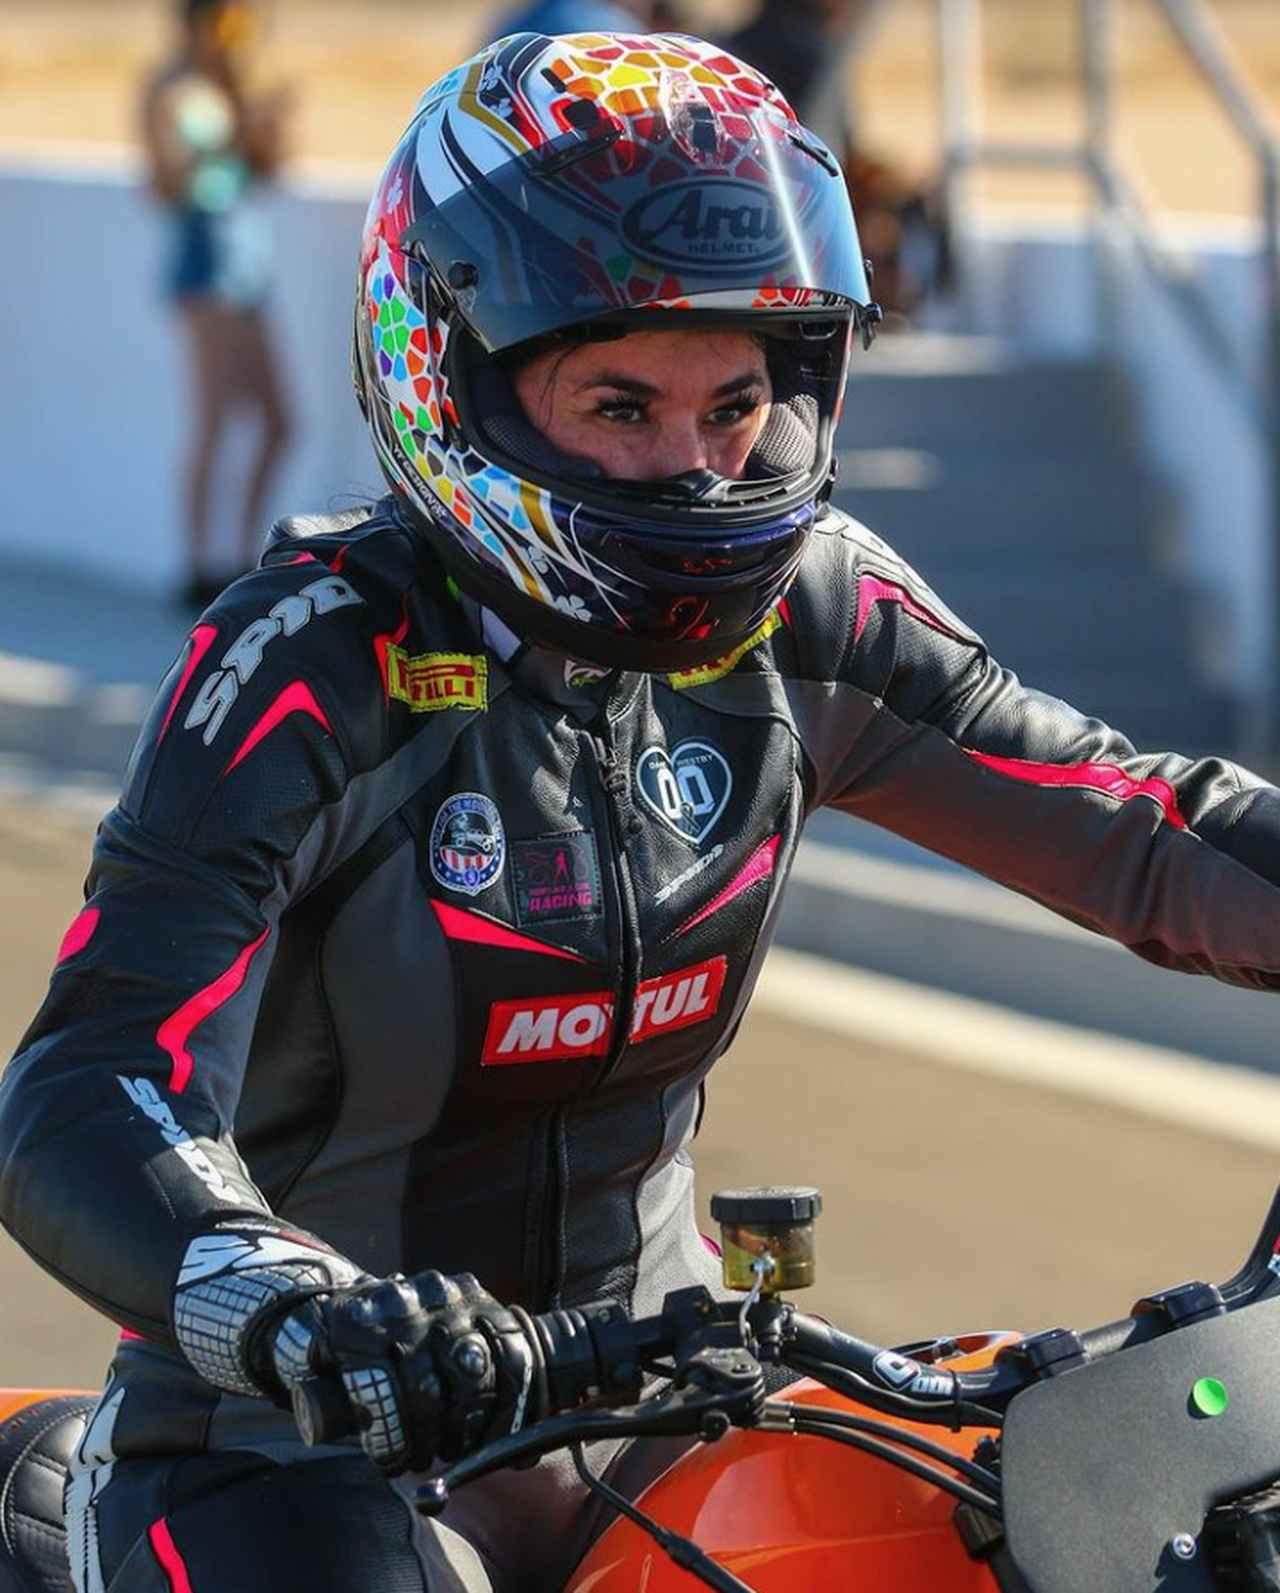 画像: モトアメリカのスーパーストック600参戦のほか、「世界最速のロードレース」と呼ばれる公道レース、アルスターGPに参戦するなど、豊富なキャリアを持つ女性レーサーのパトリシア・フェルナンデス。2016年のアルスターGPでは、平均時速118.264マイル≒190.3km/hをスーパースポーツ600で記録し、主催者から「世界最速の女性ロードレーサー」の称号を与えらました。